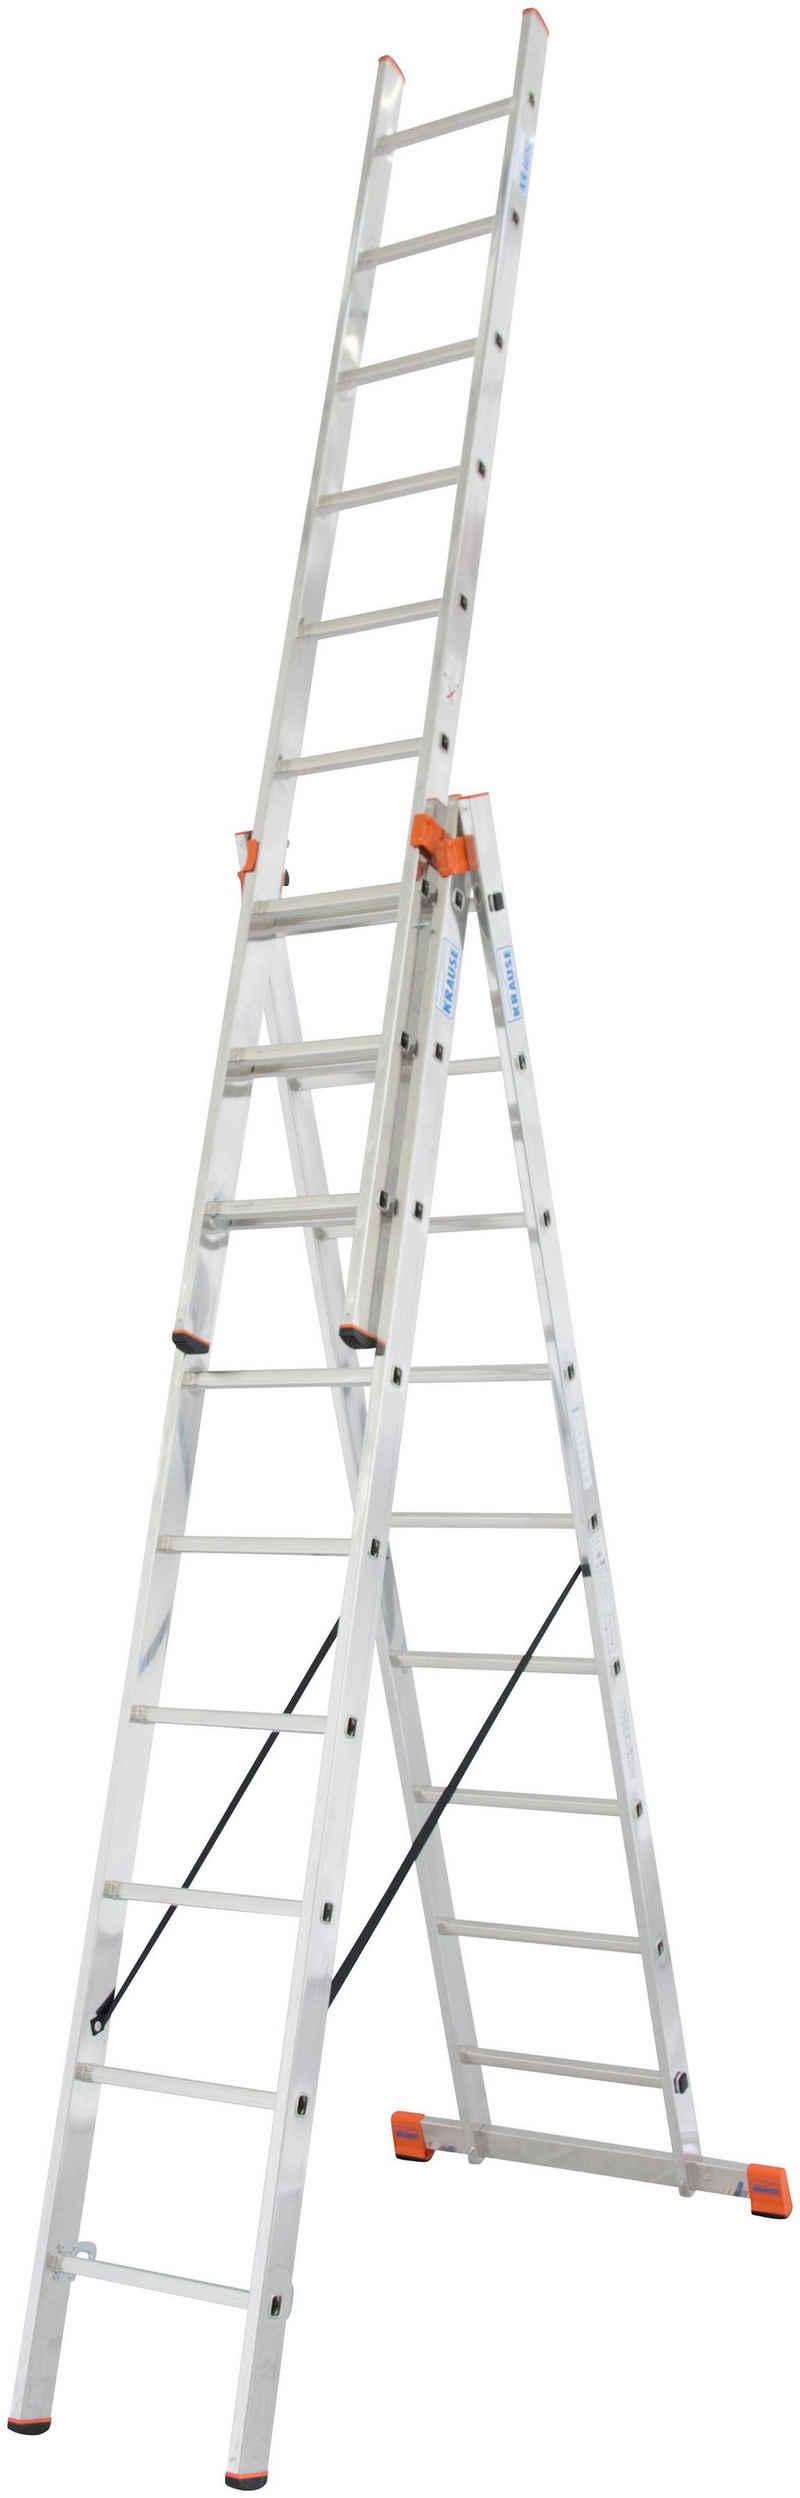 KRAUSE Doppelleiter »Tribilo«, mit Leiternspitzen, 3x9 Sprossen